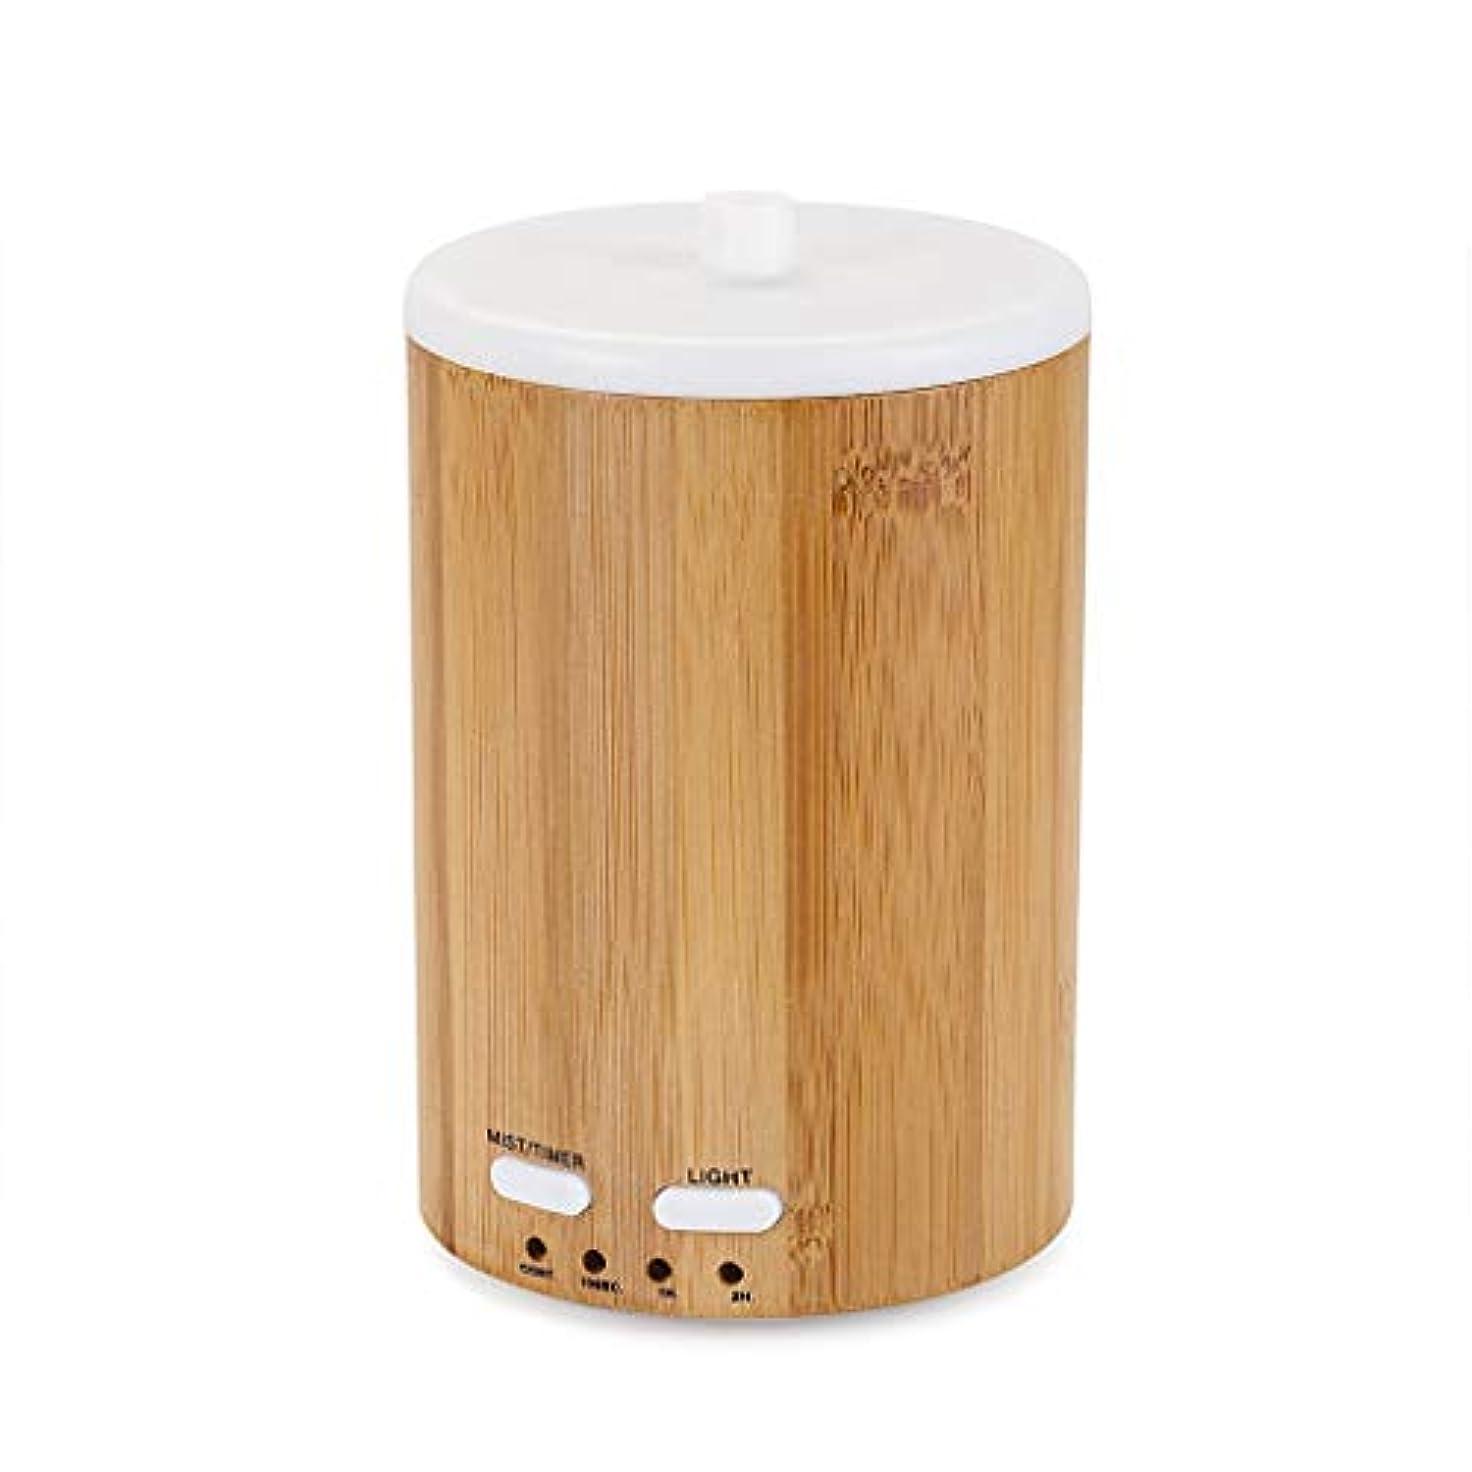 ご意見無線冒険者アップグレードされたリアル竹ディフューザー超音波ディフューザークールミスト加湿器断続的な連続ミスト2作業モードウォーターレスオートオフ7色LEDライト (Color : Bamboo)